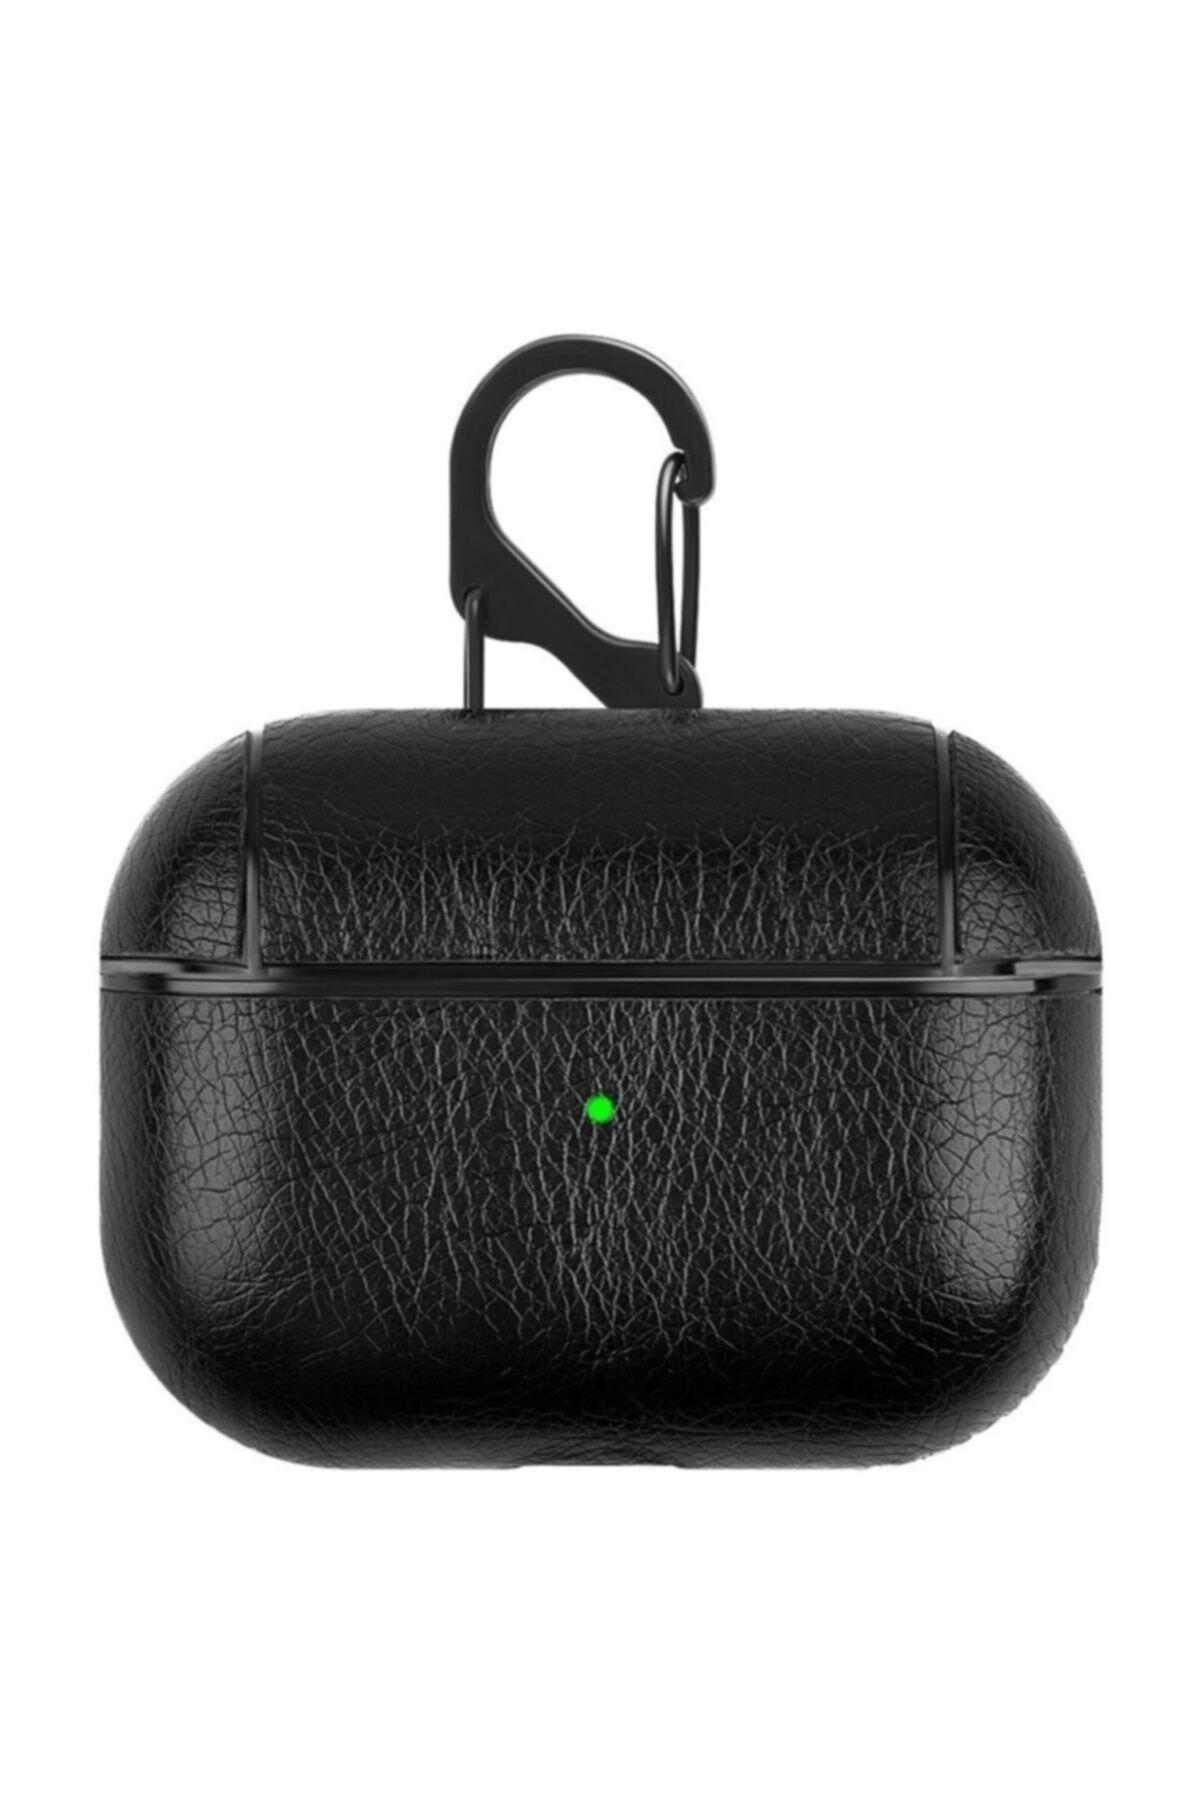 Telehome Siyah Apple Kulaklık Koruma Deri Airpods Pro Kılıf 1